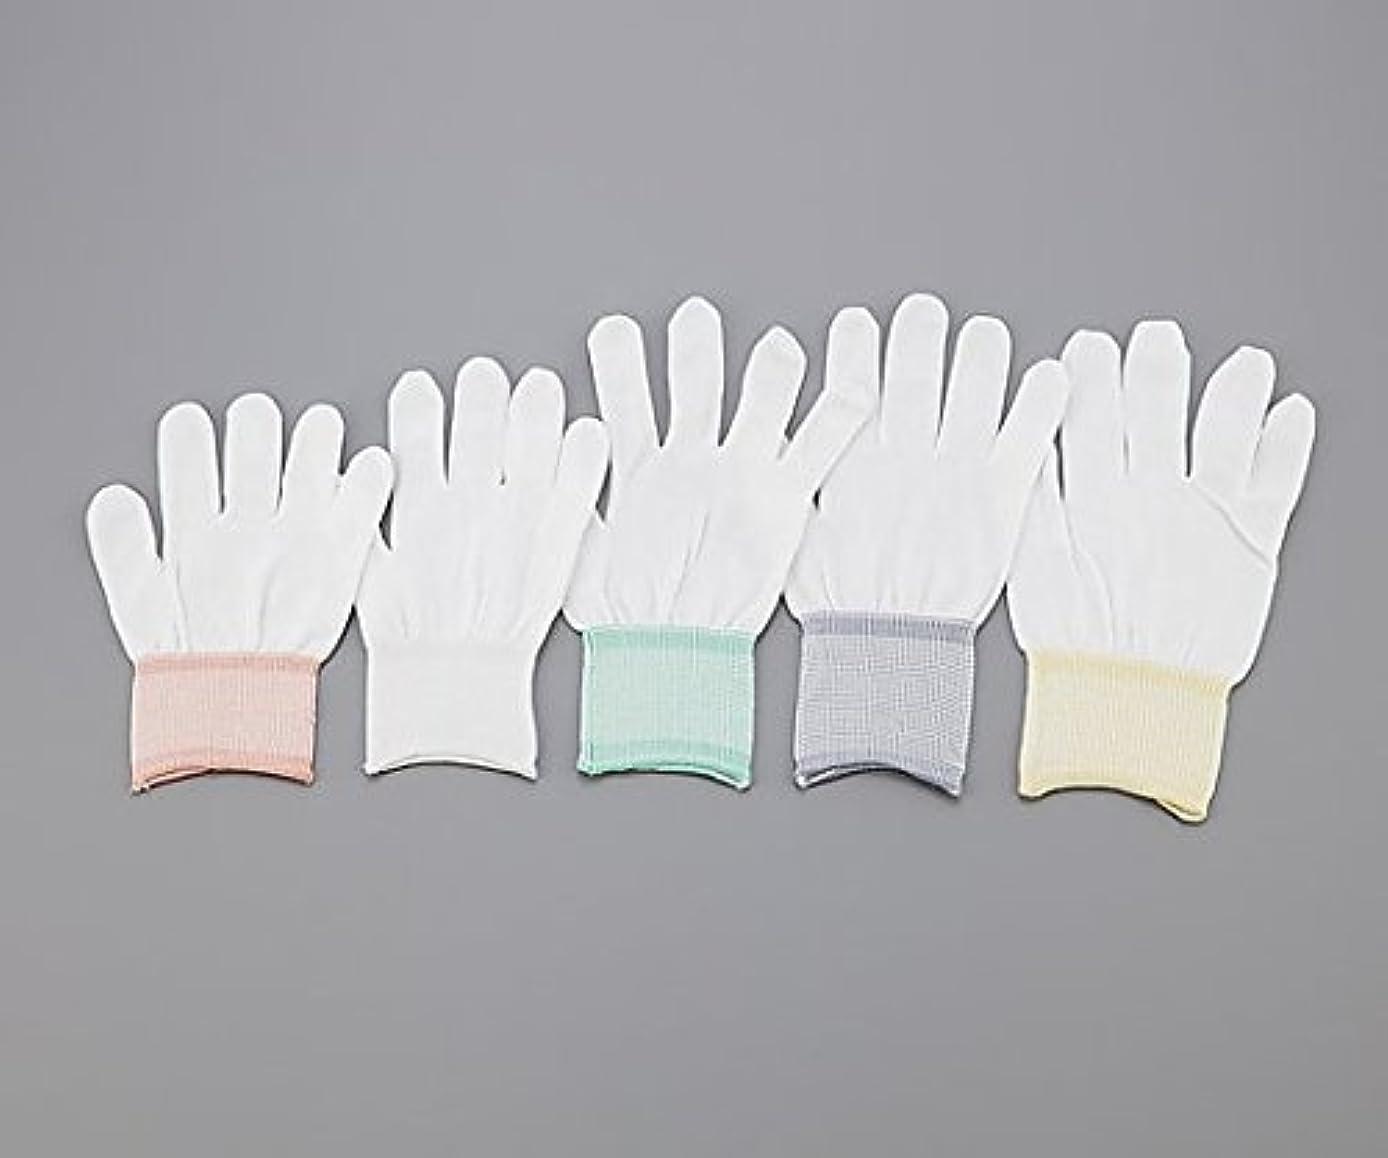 毛布温かい悔い改めアズピュア(アズワン)1-4294-03アズピュアインナー手袋指先有りL10双20枚